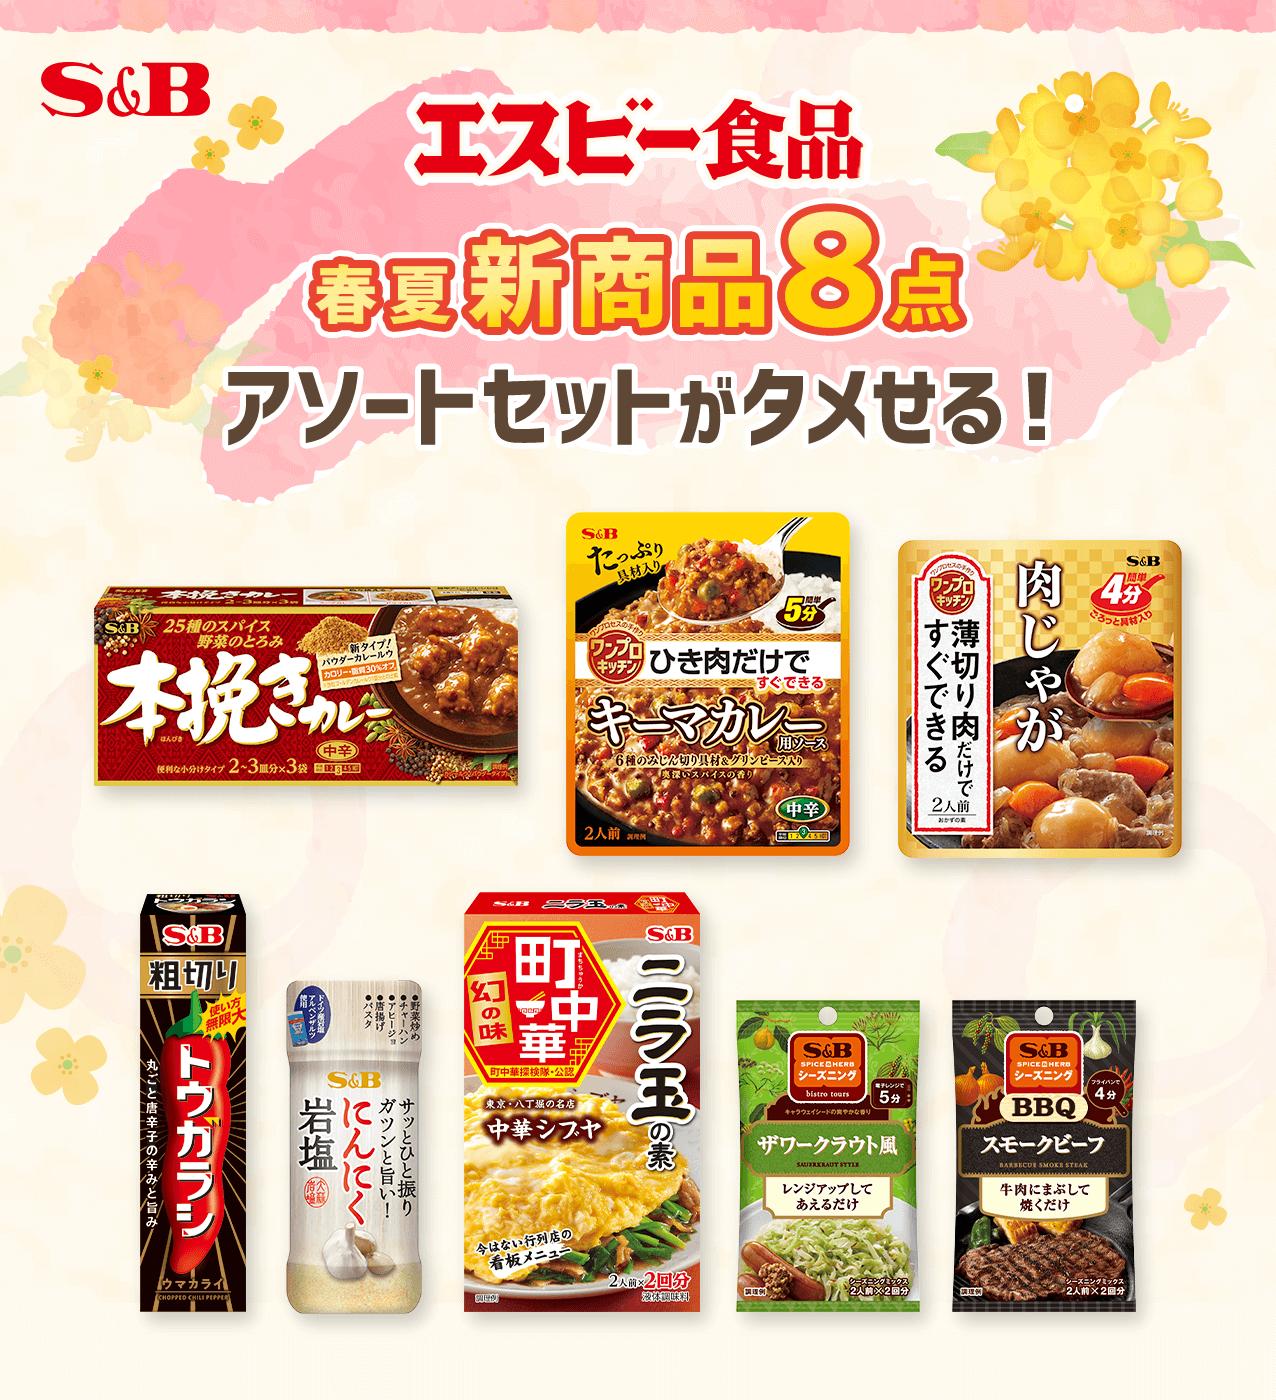 エスビー食品 春夏新商品 8点アソートセットがタメせる!